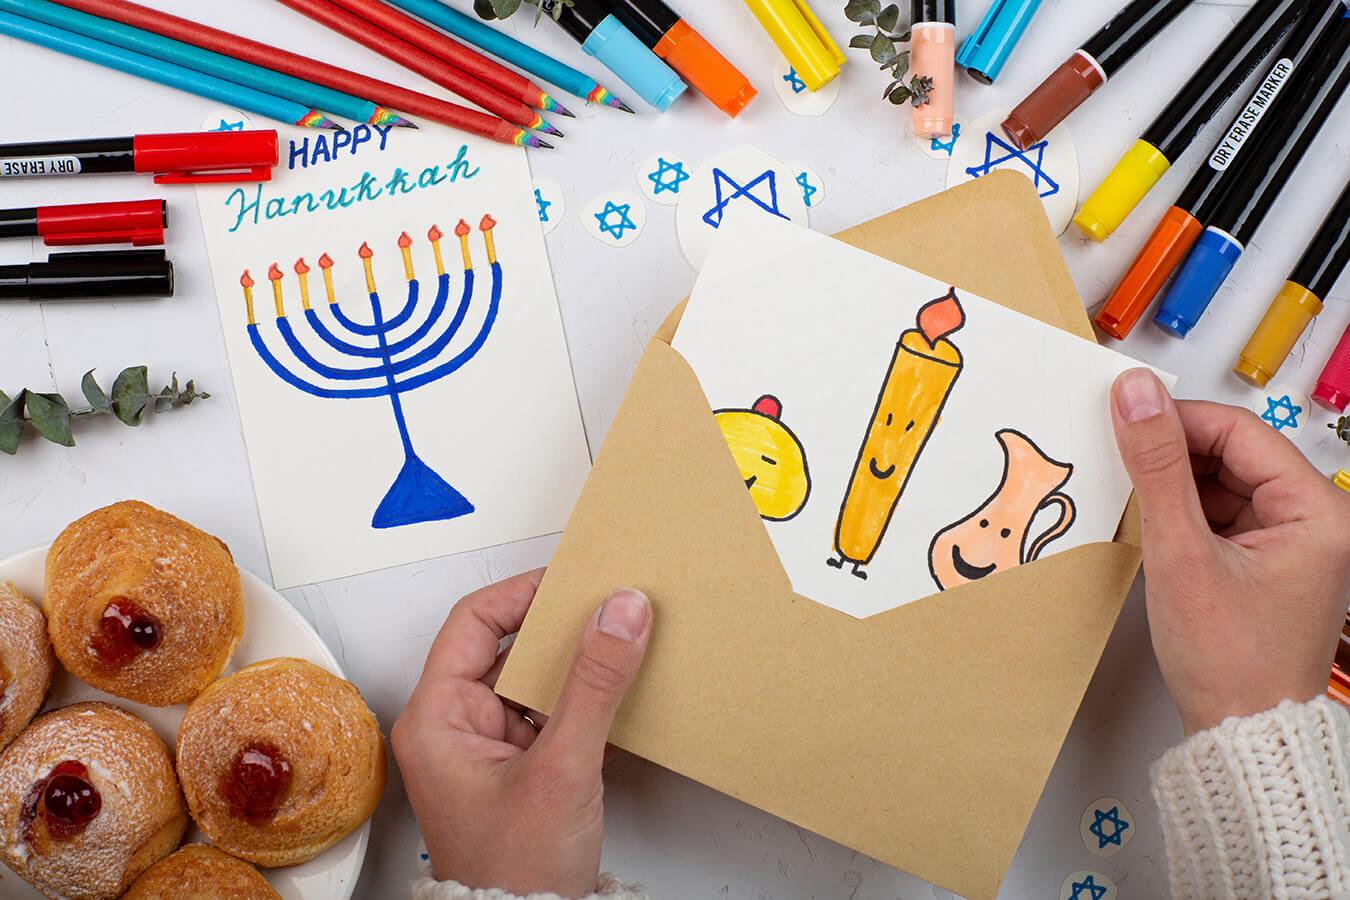 Żydowskie imiona – najpopularniejsze hebrajskie imiona